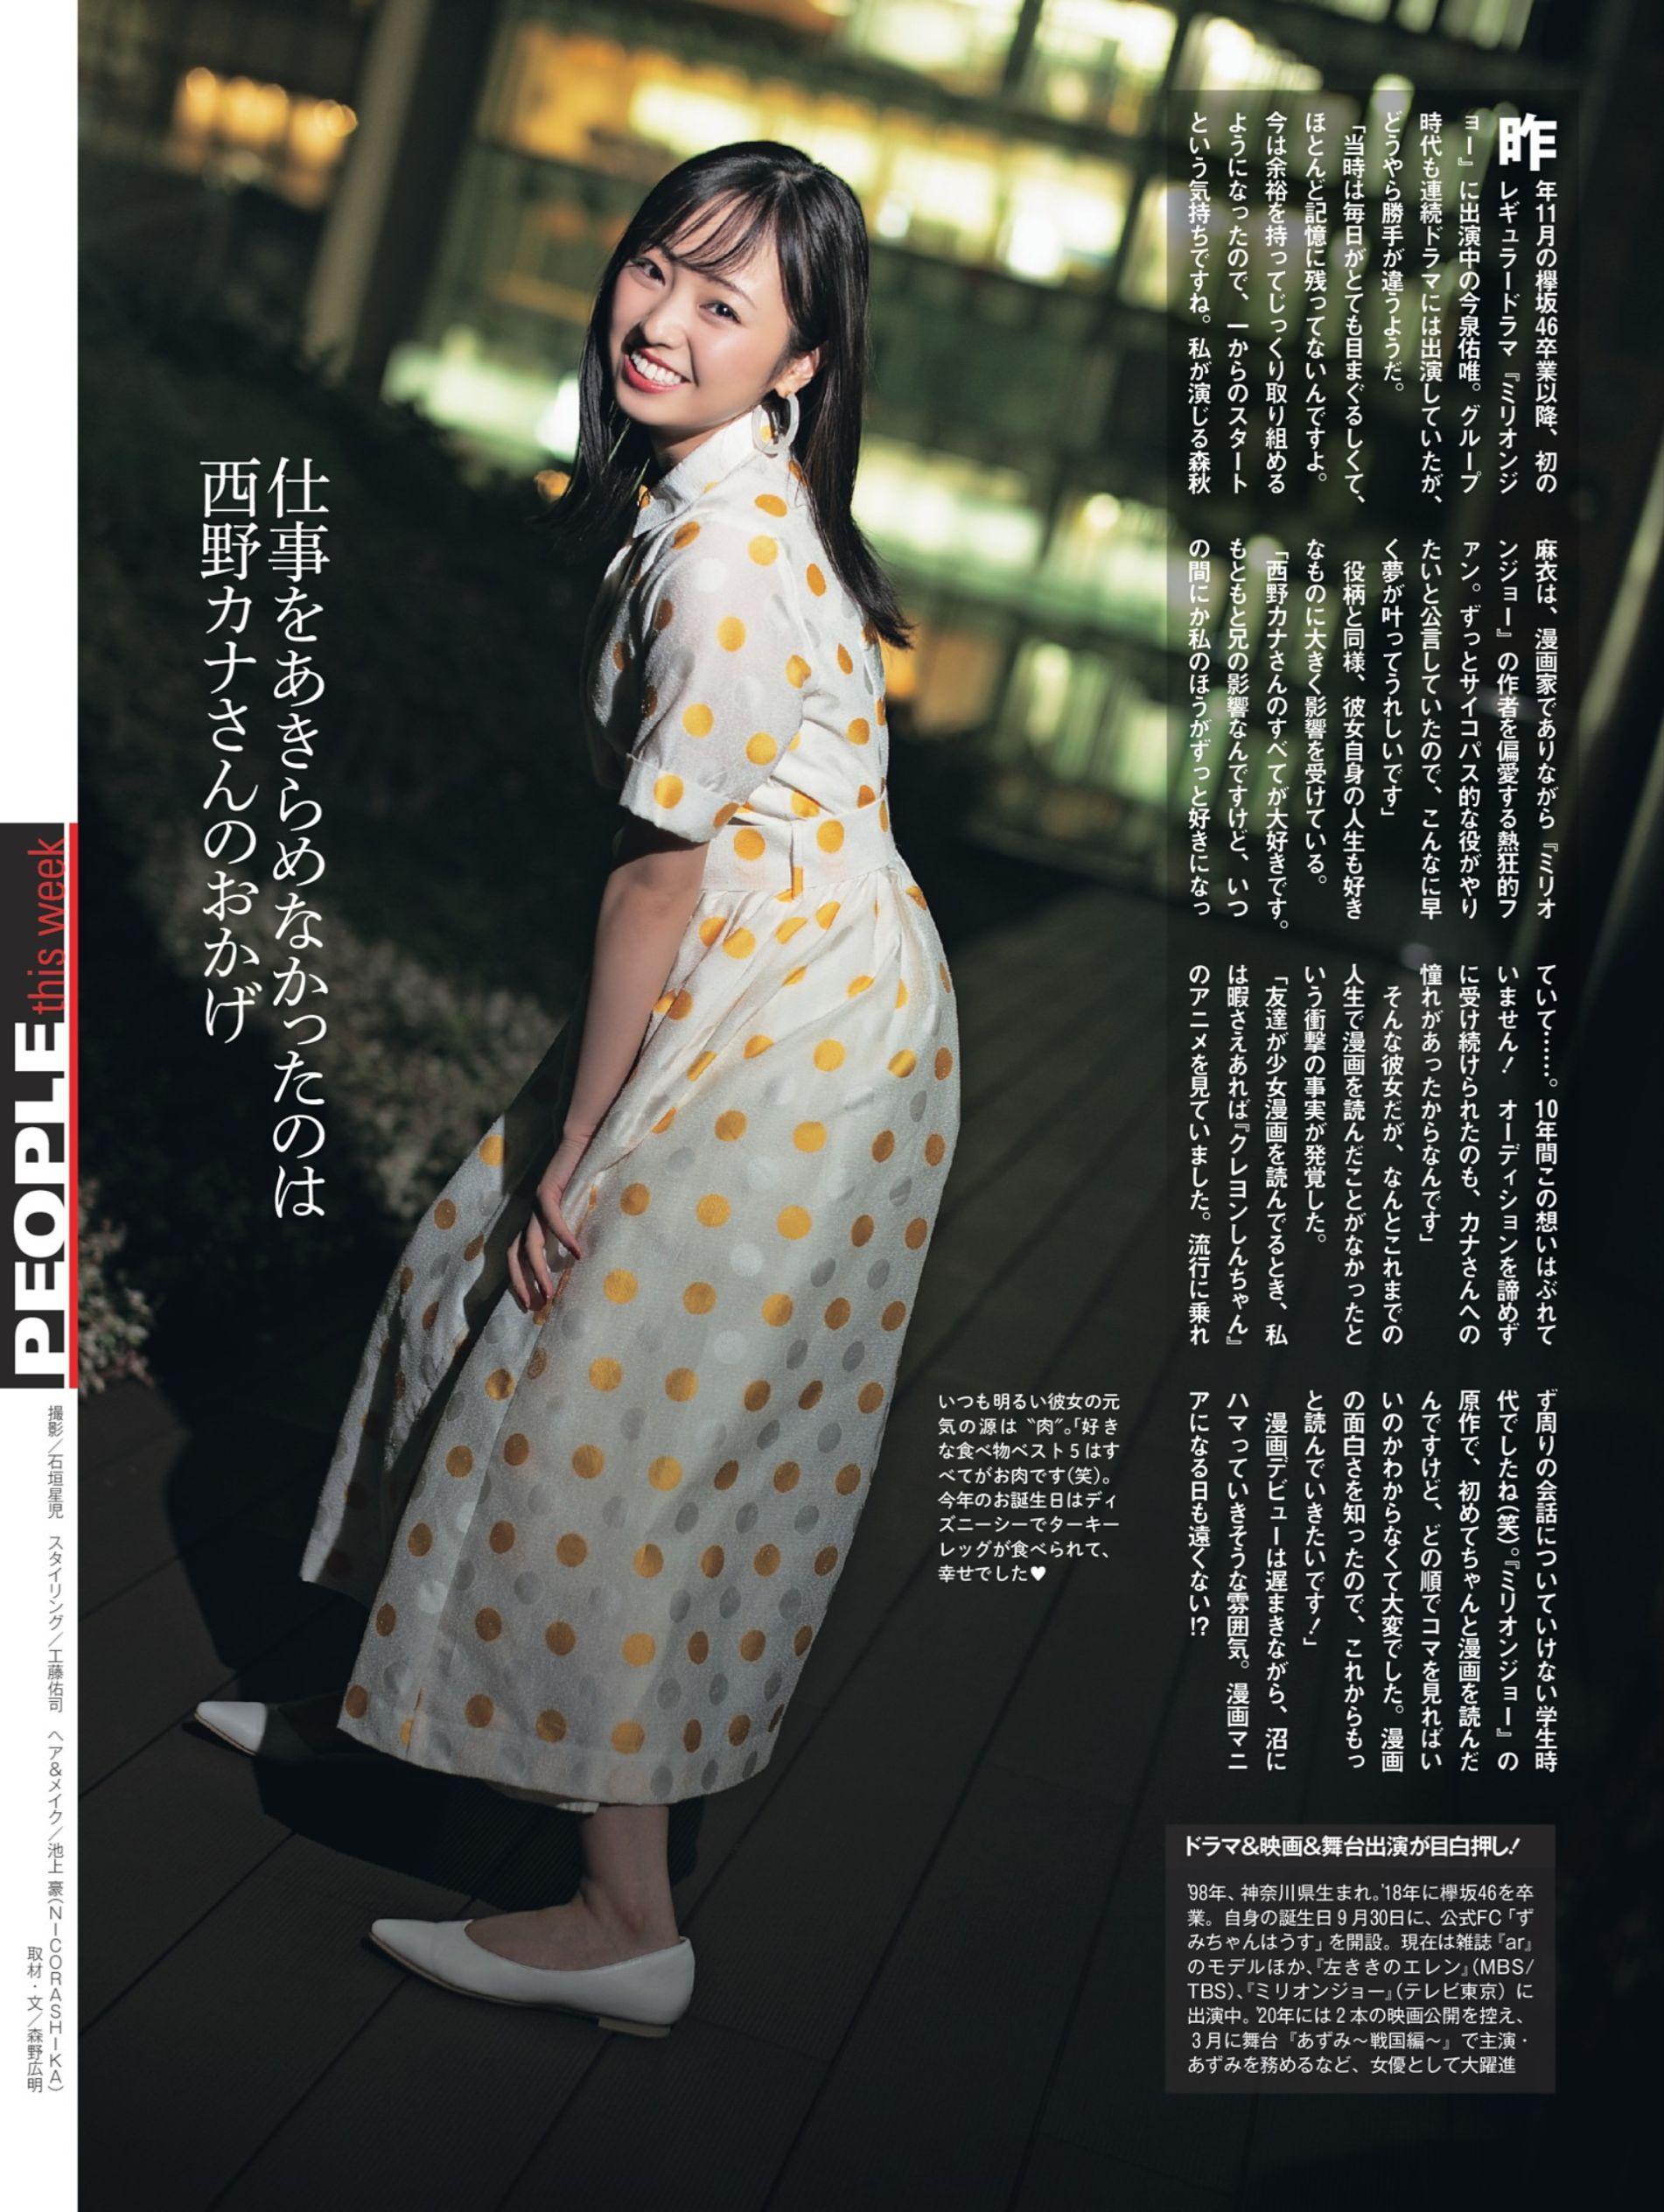 週刊SPA! 2019年11月5・12日合併号 (5)